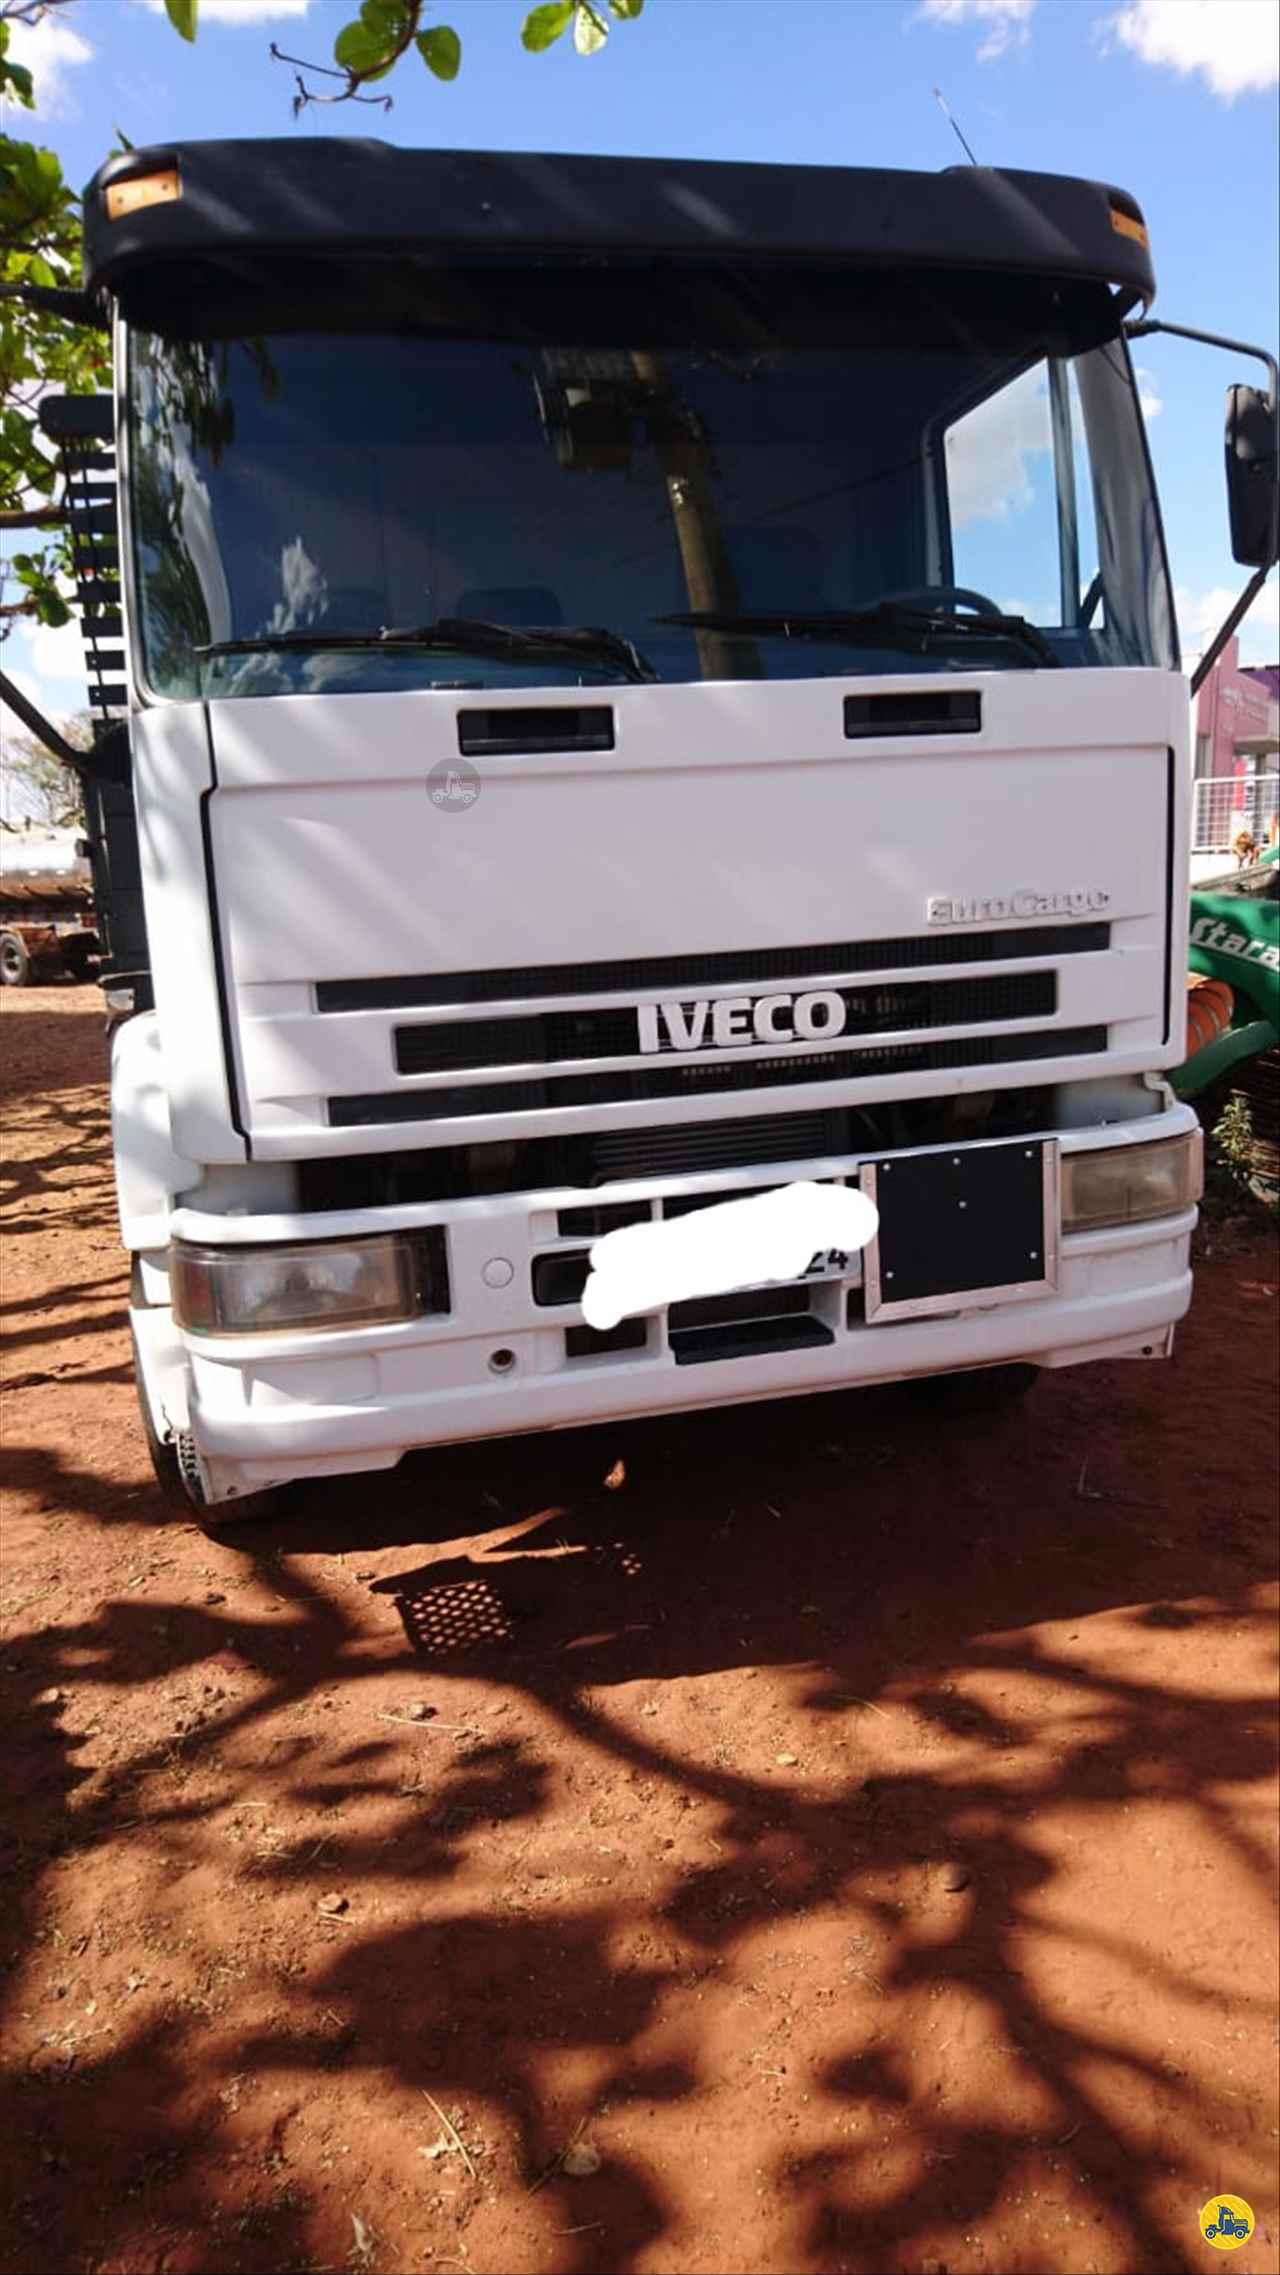 CAMINHAO IVECO TECTOR 170E22 Carga Seca Toco 4x2 Porssionatto Caminhões RIO VERDE GOIAS GO